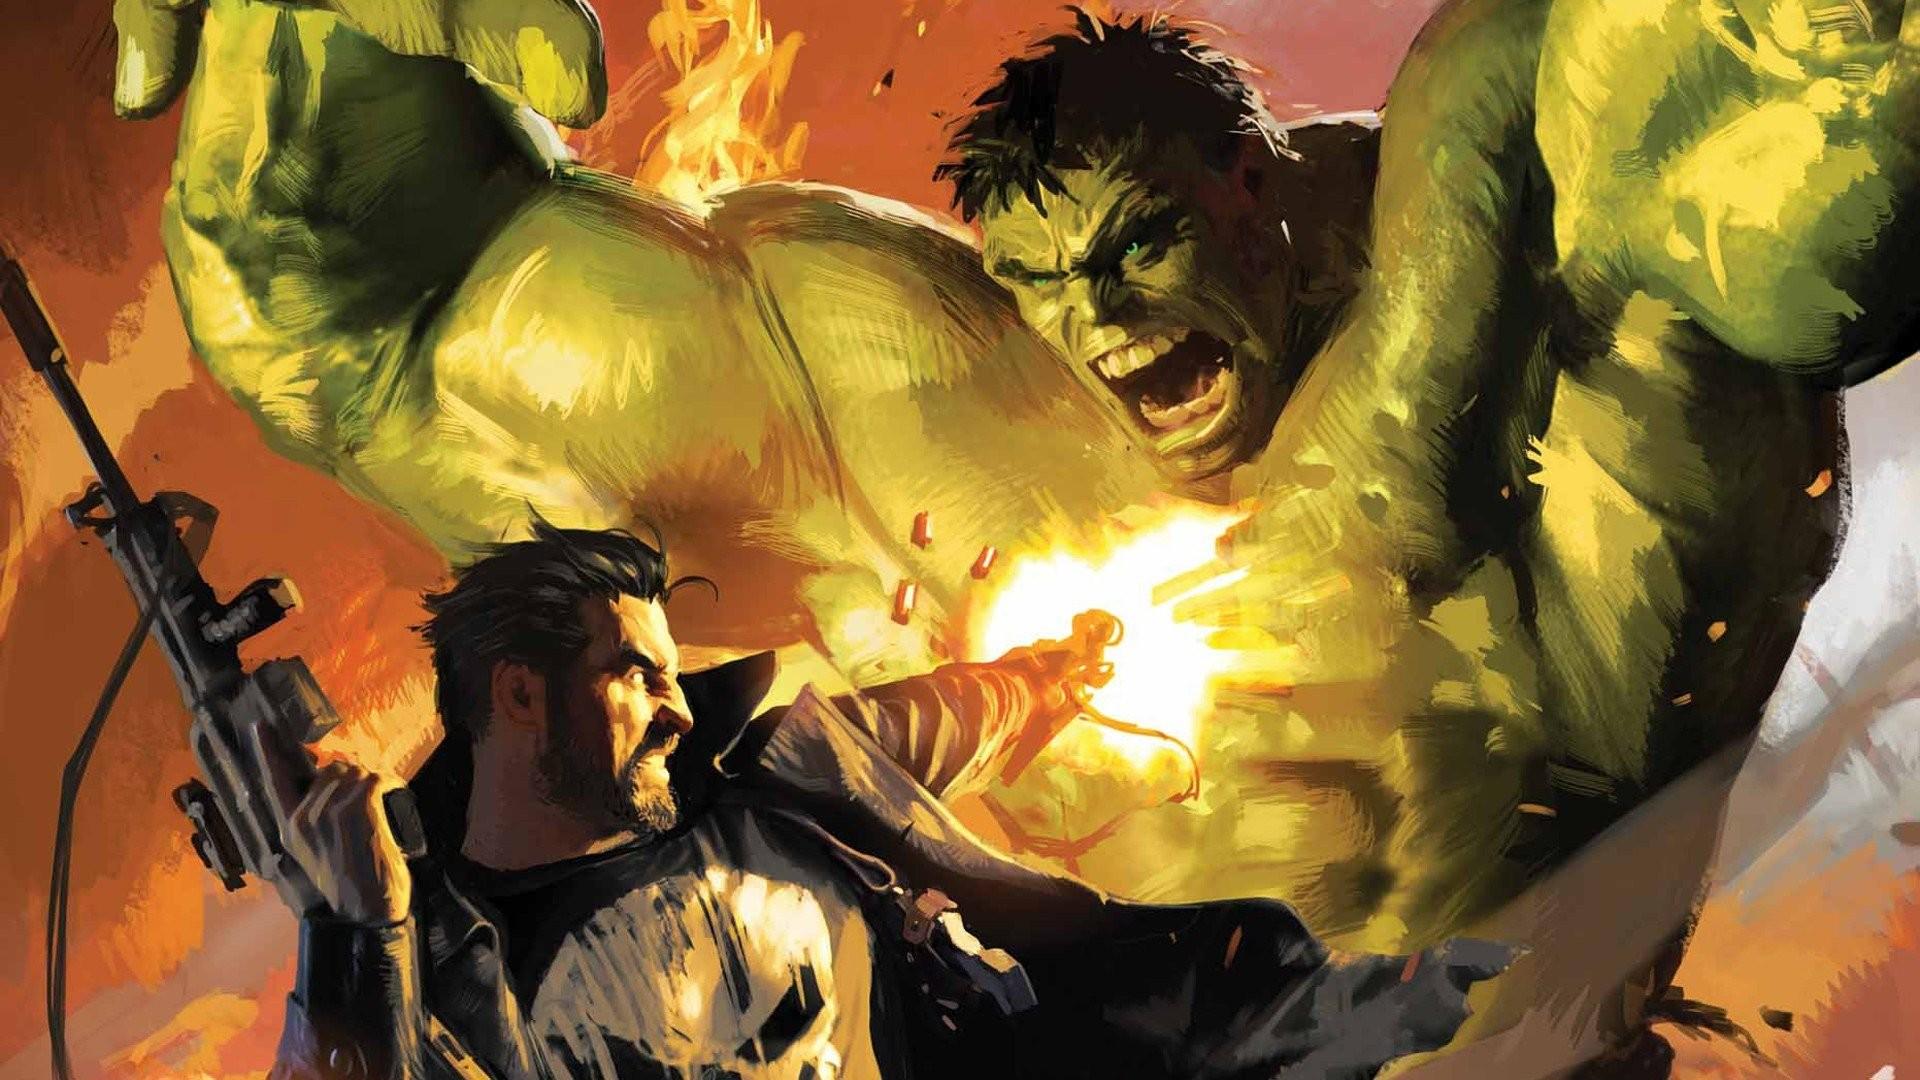 Daredevil TV series Marvel Cinematic Universe Wiki